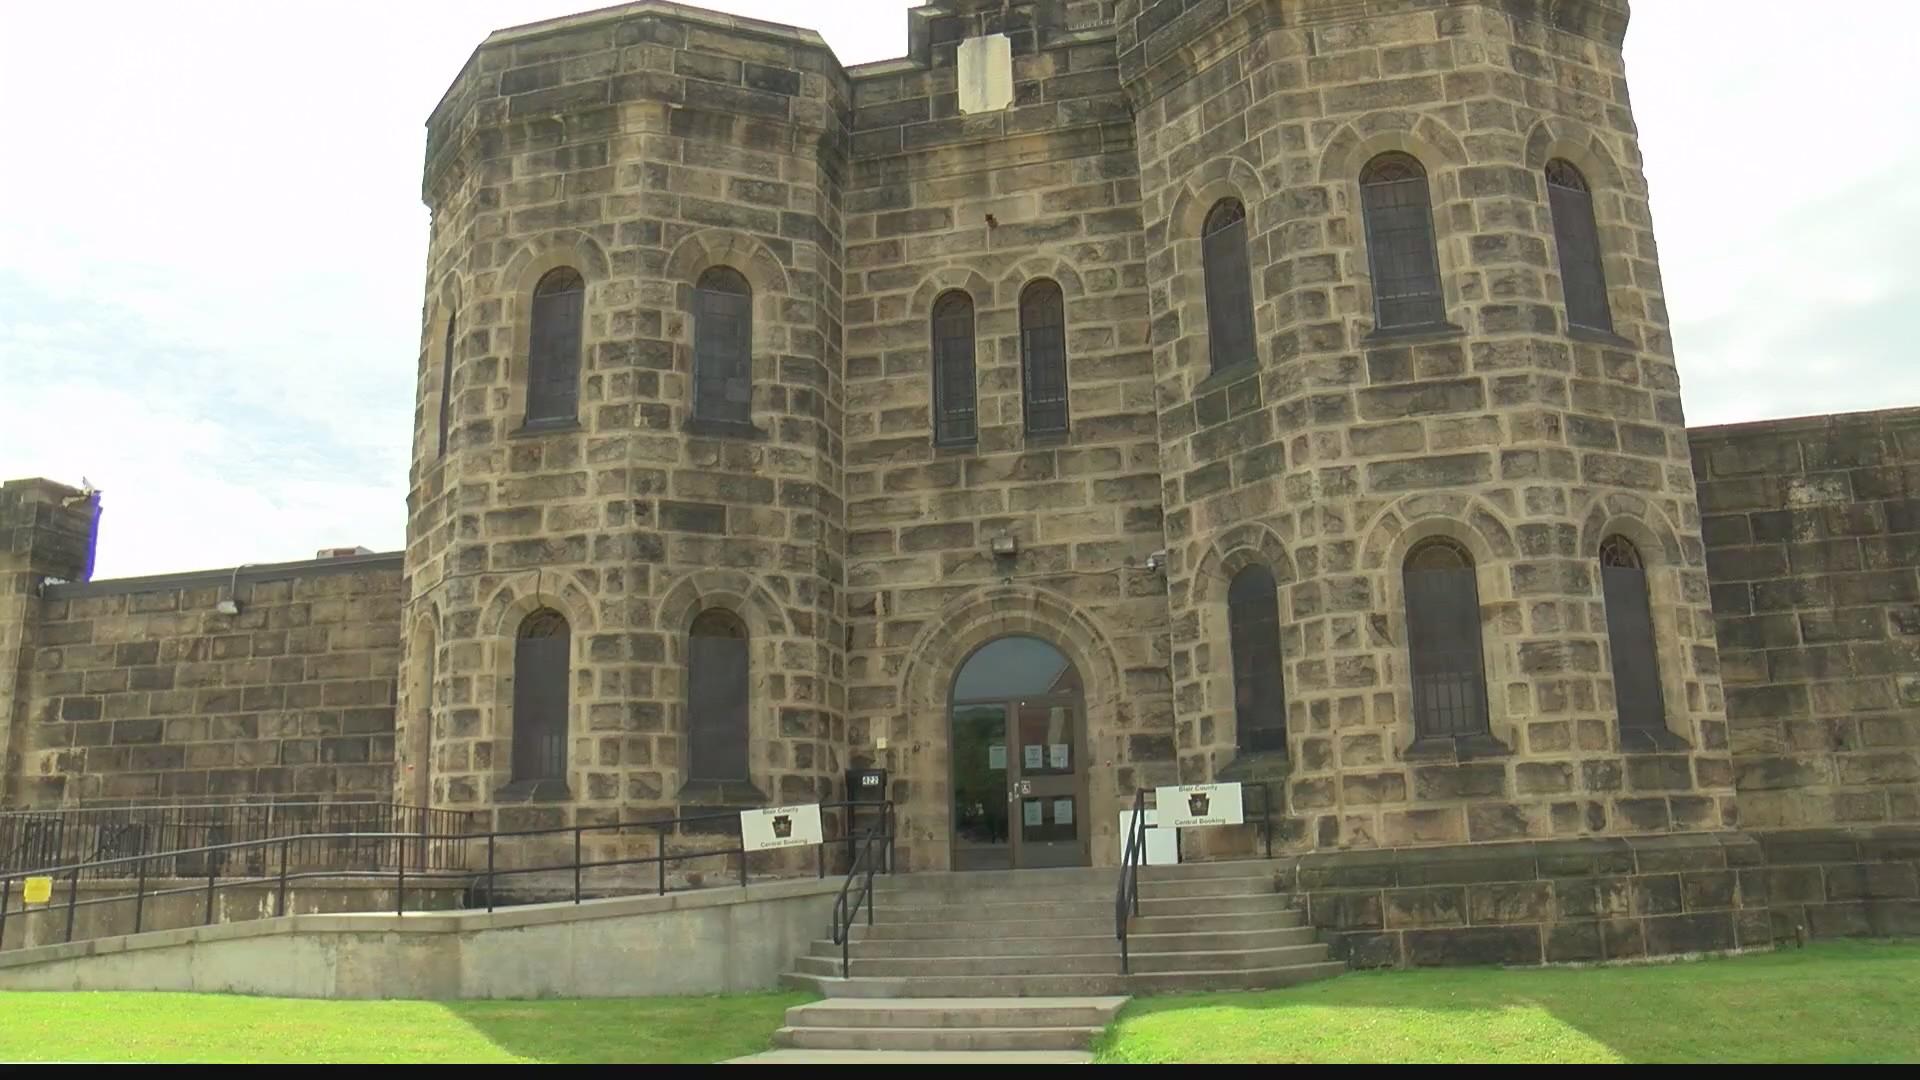 Outisde of Blair County Prison